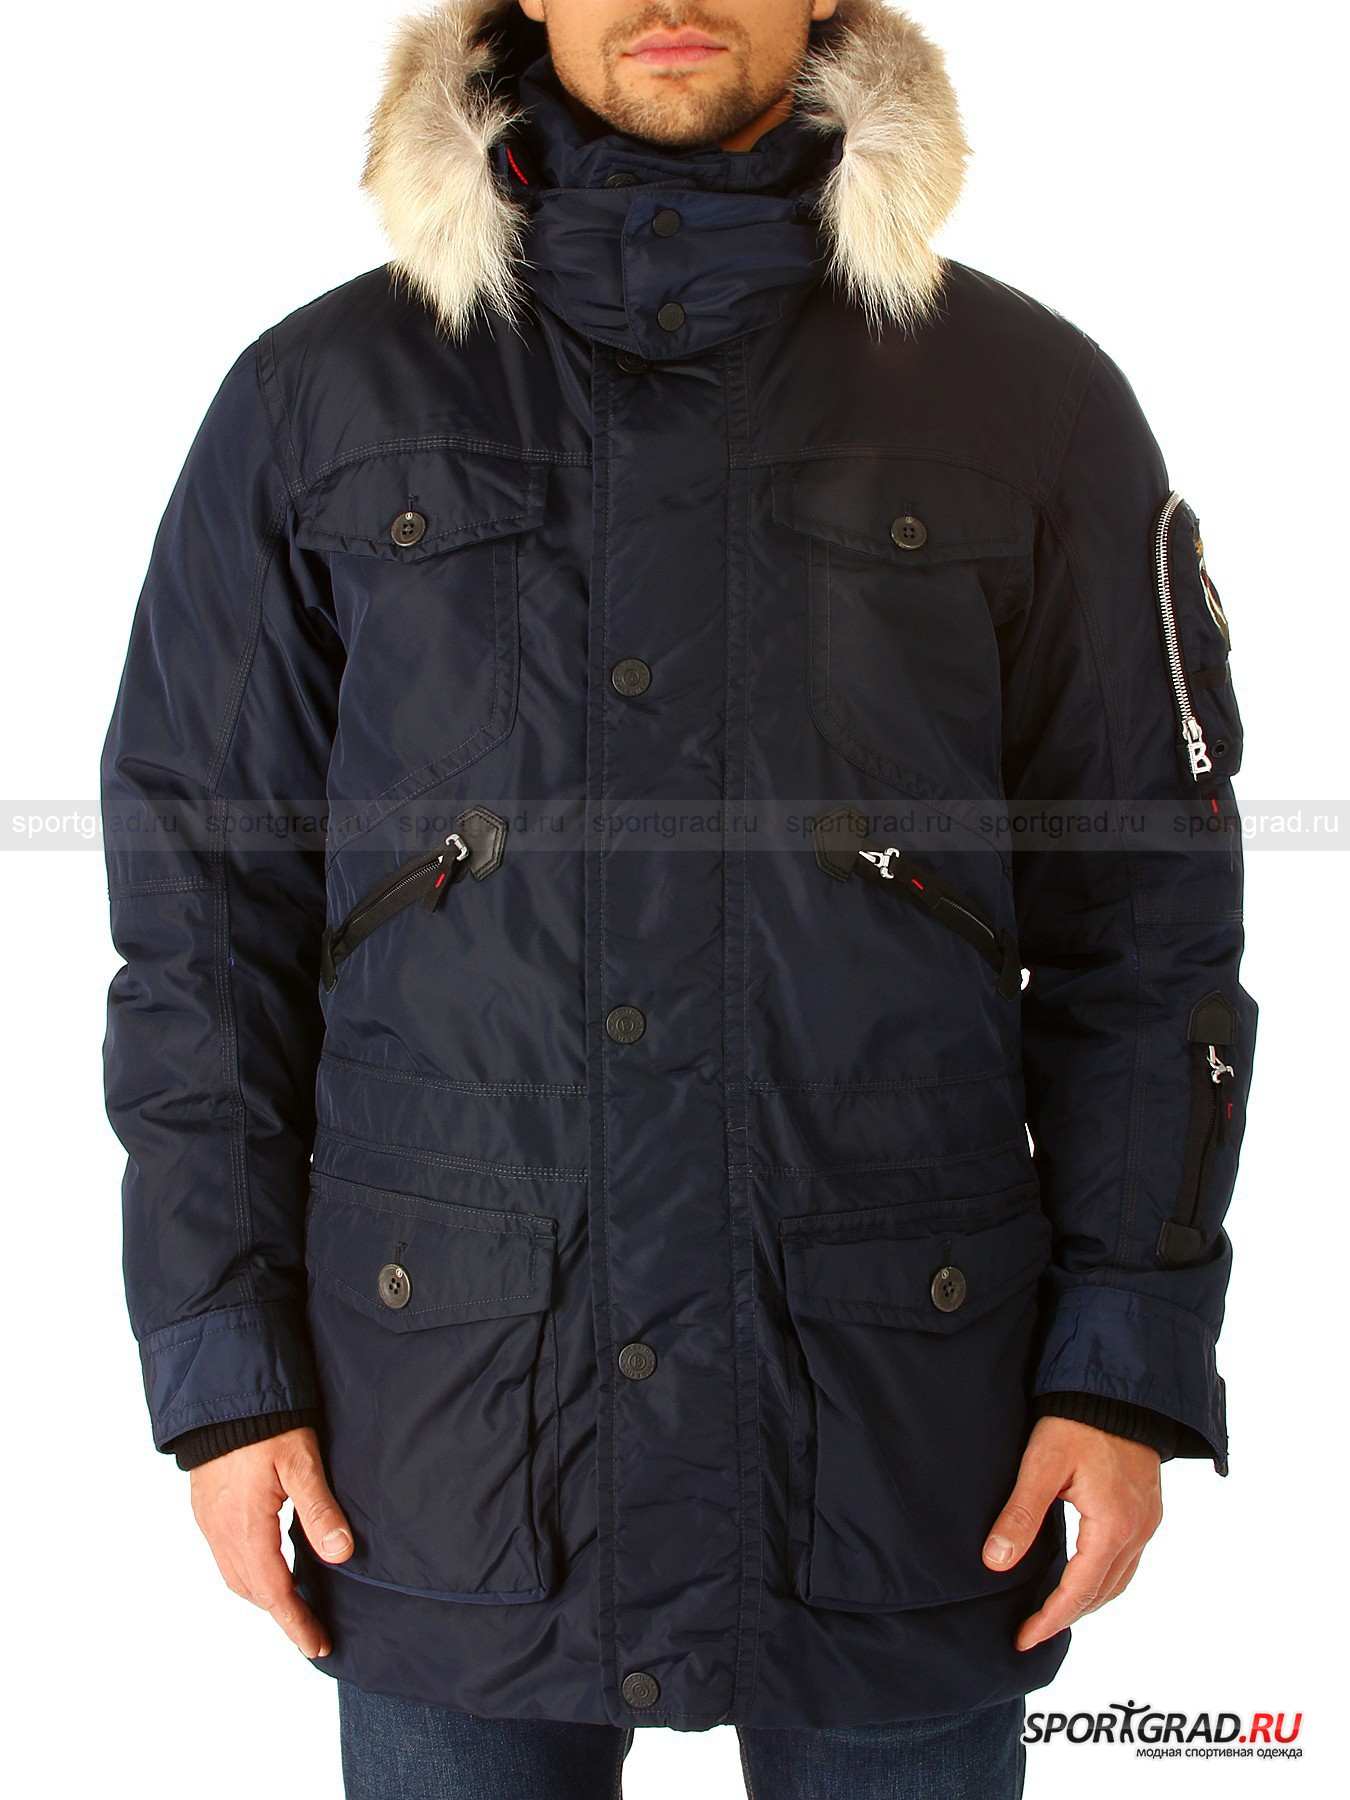 Куртка мужская Phil-d BOGNER Fire & Ice от Спортград